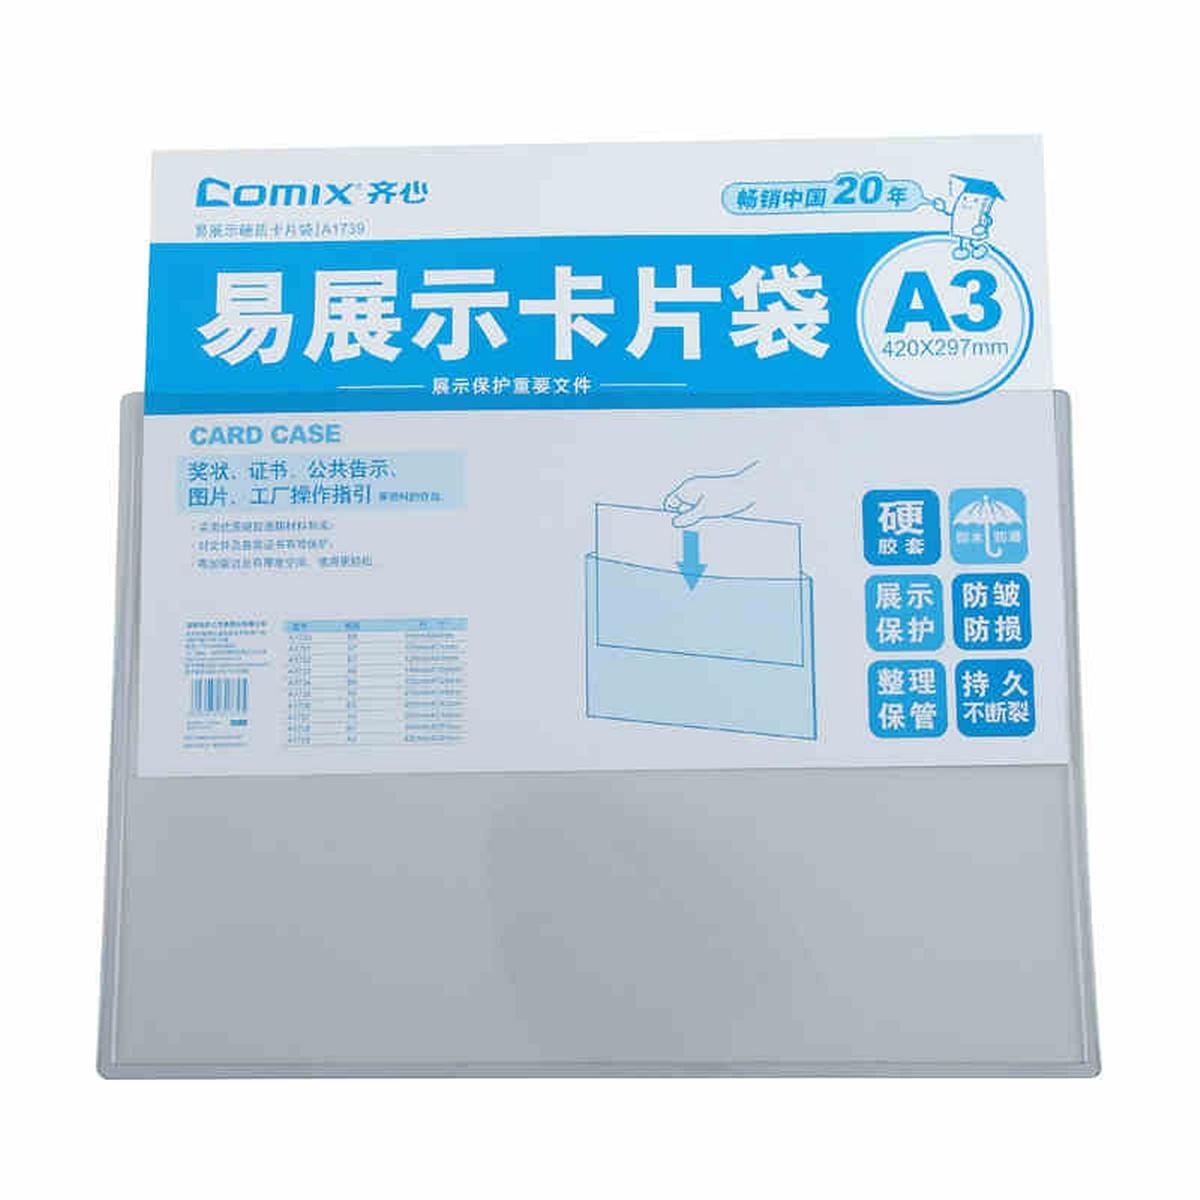 齐心A1739-A3硬质卡片袋(个)